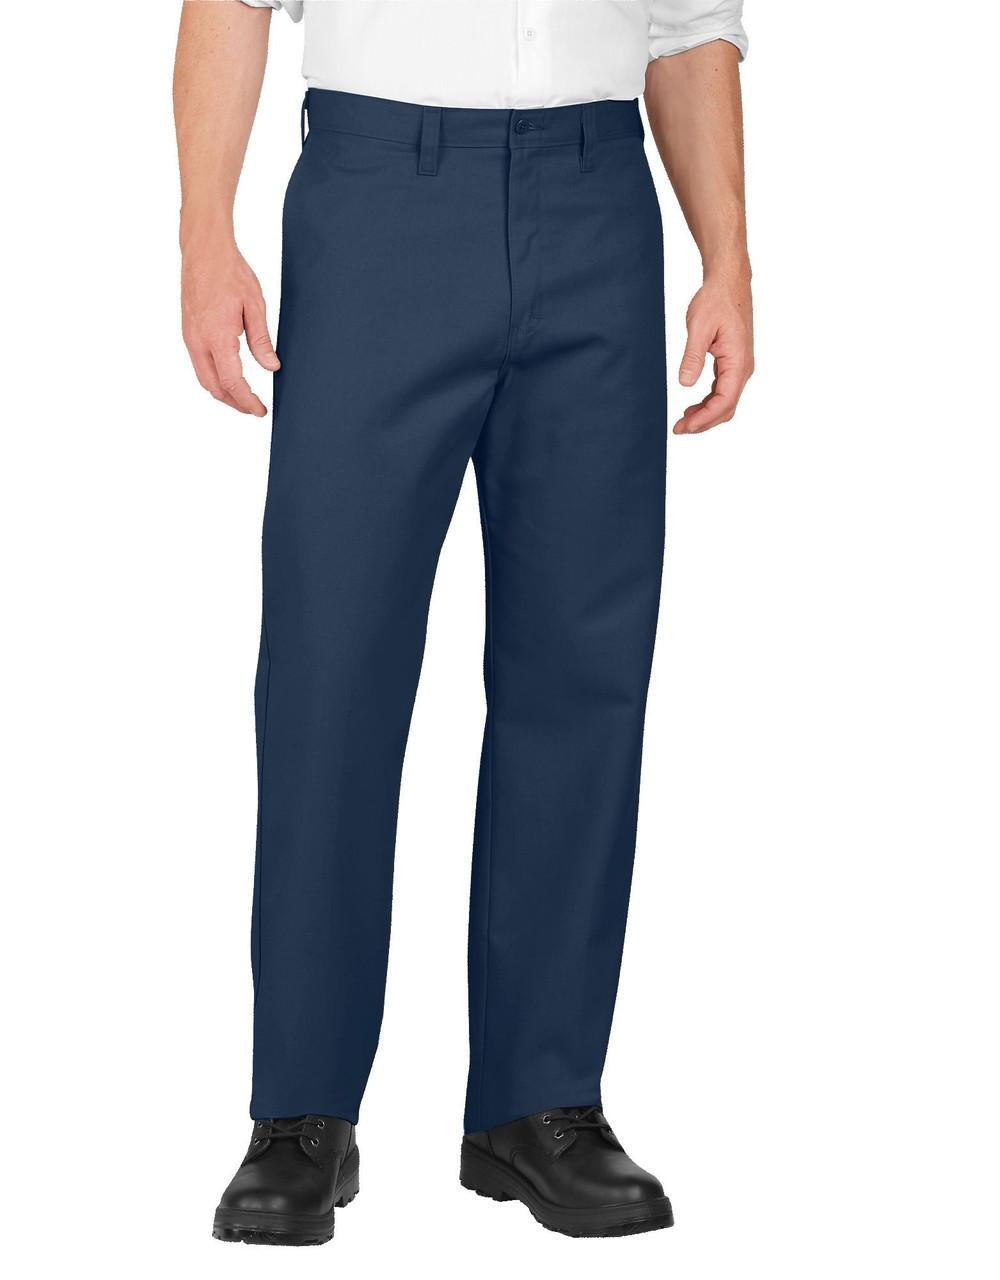 9e7bc9ebf2 Dickies LP812 Pantalon Industrial - BODEGA DE UNIFORMES  DICKIES ...